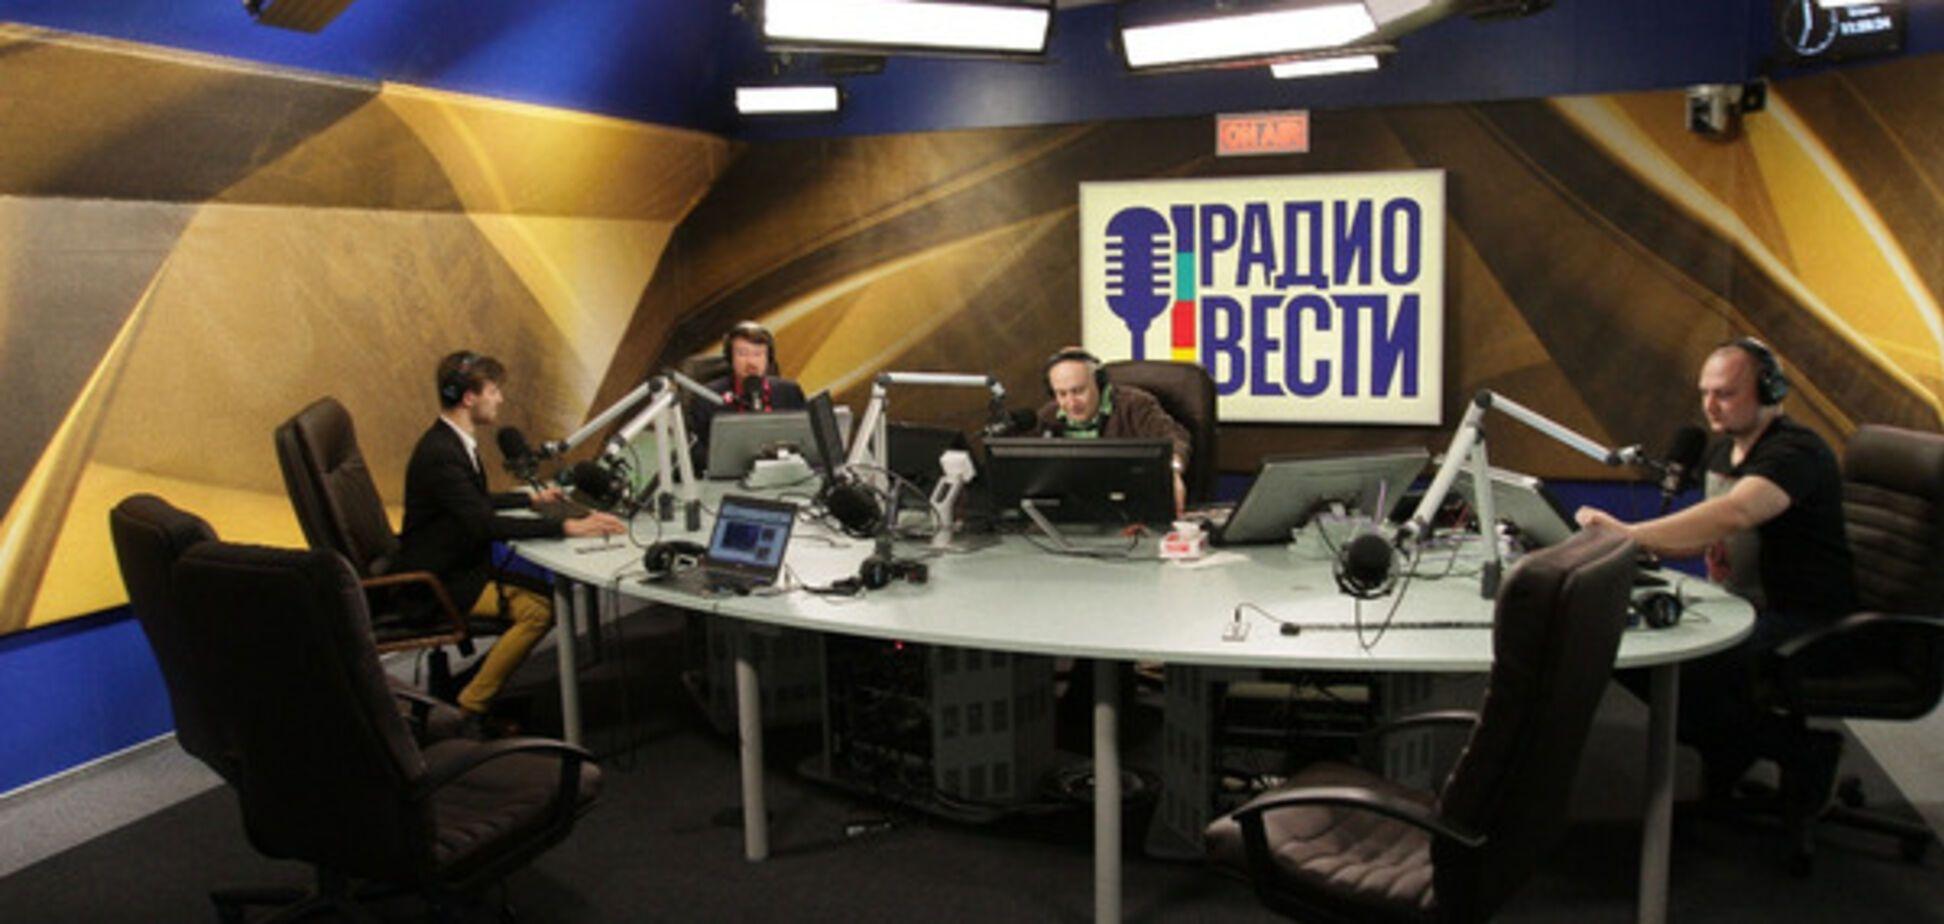 \'Вести.Радио\'